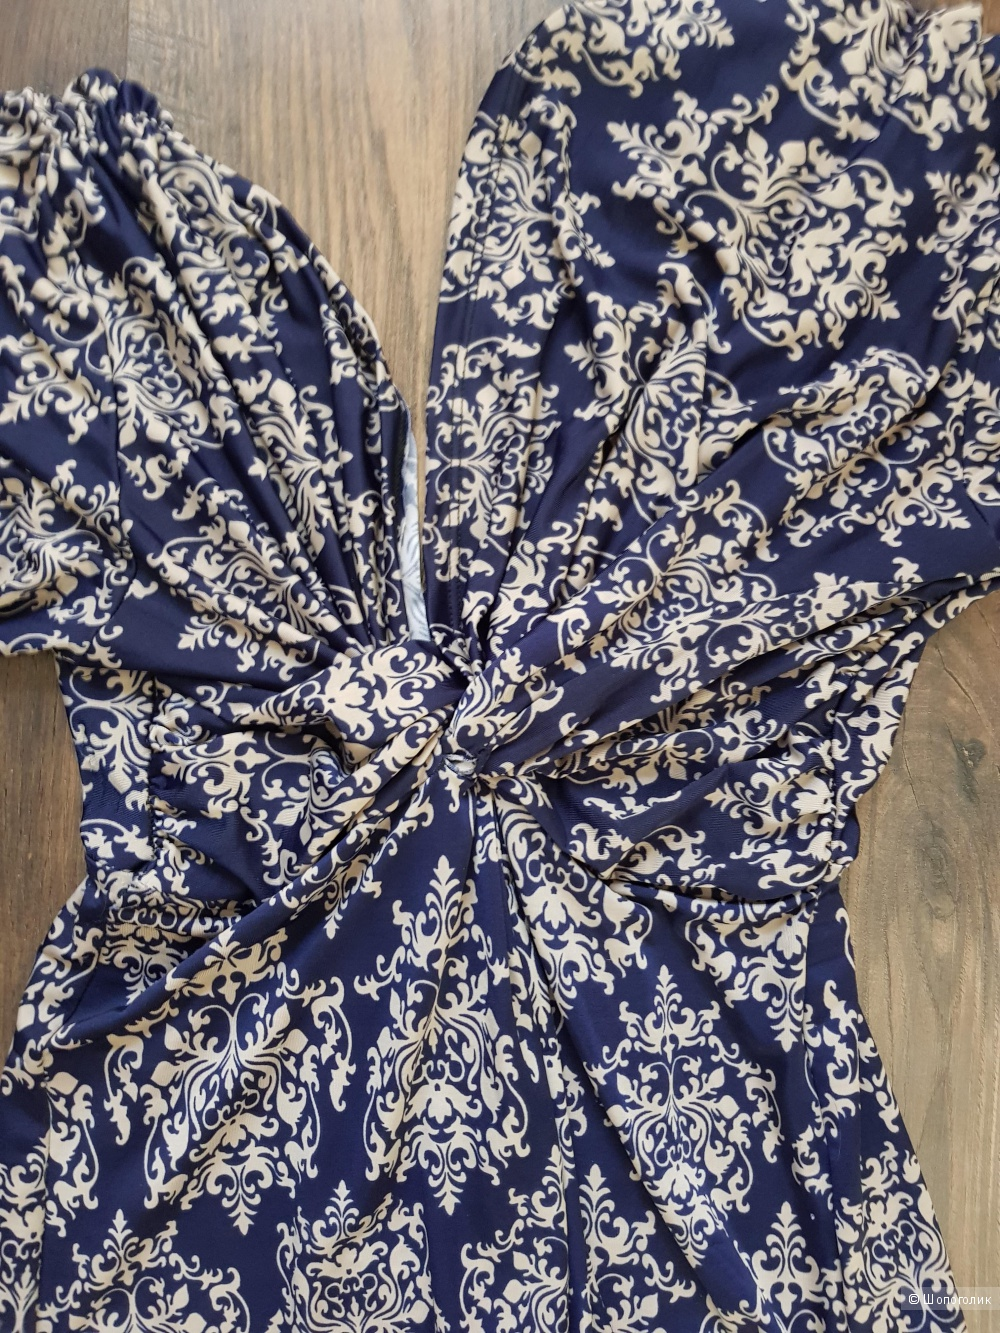 Платье, No name, 46-48 размер